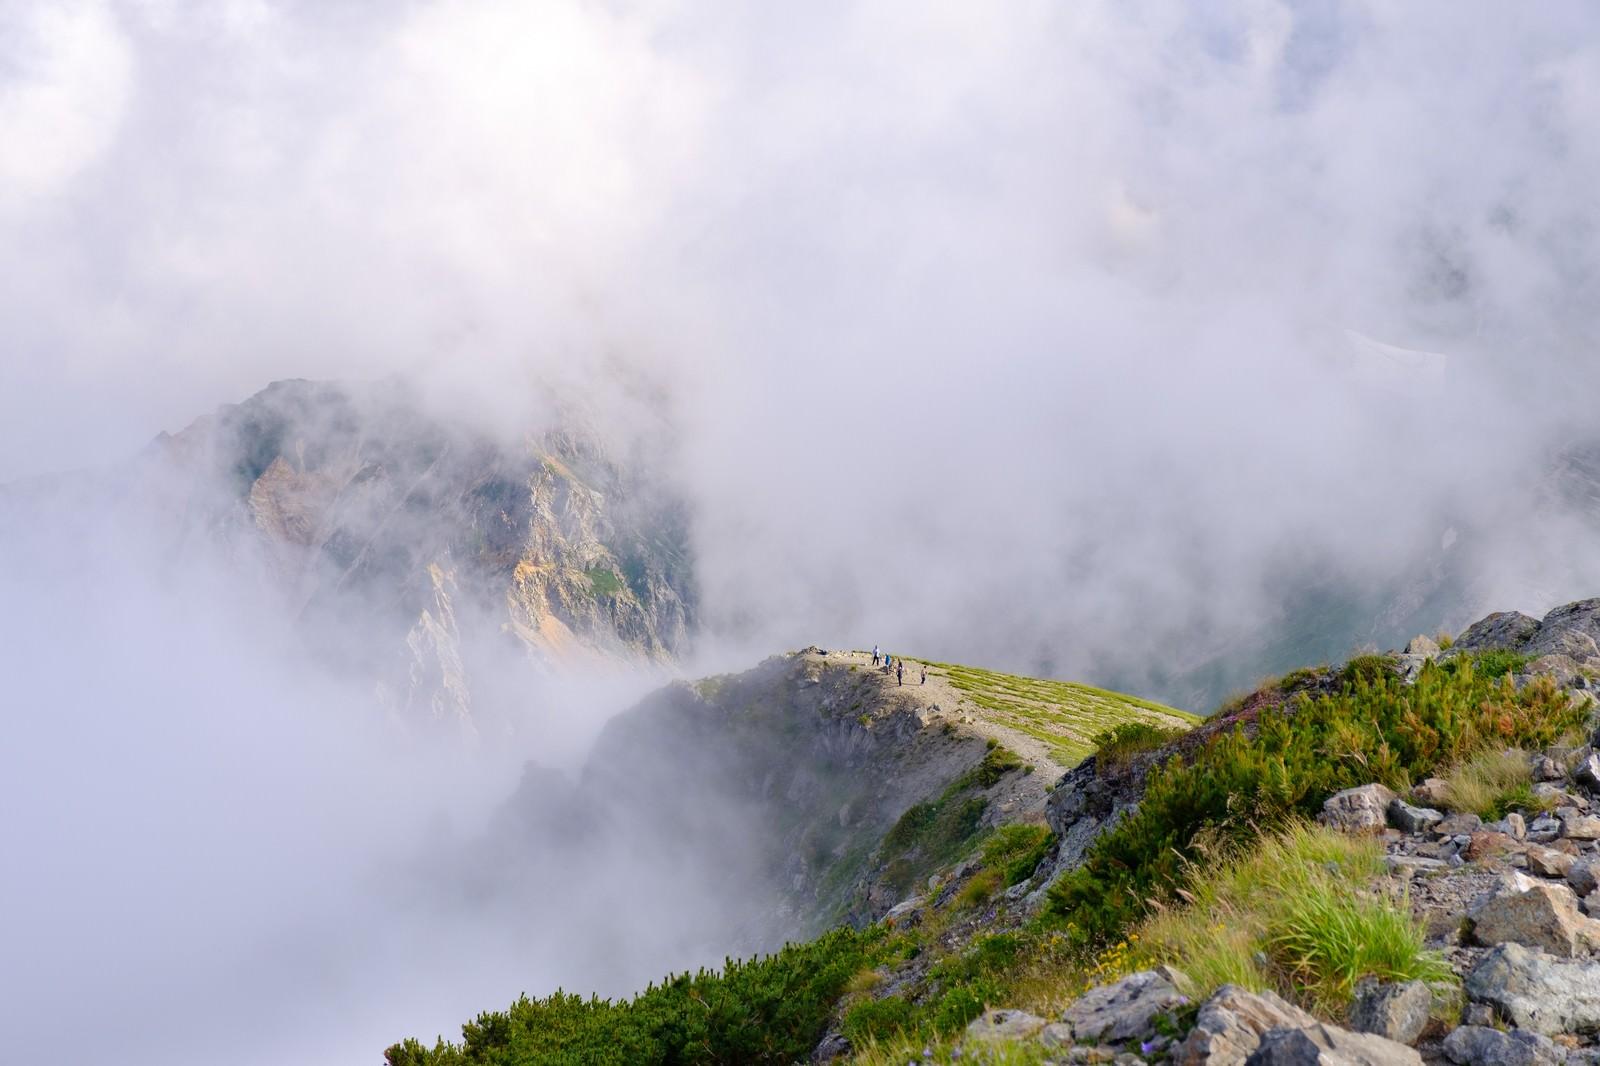 「ガスに隠れた杓子岳と切れ間からあられる登山道(杓子岳)」の写真